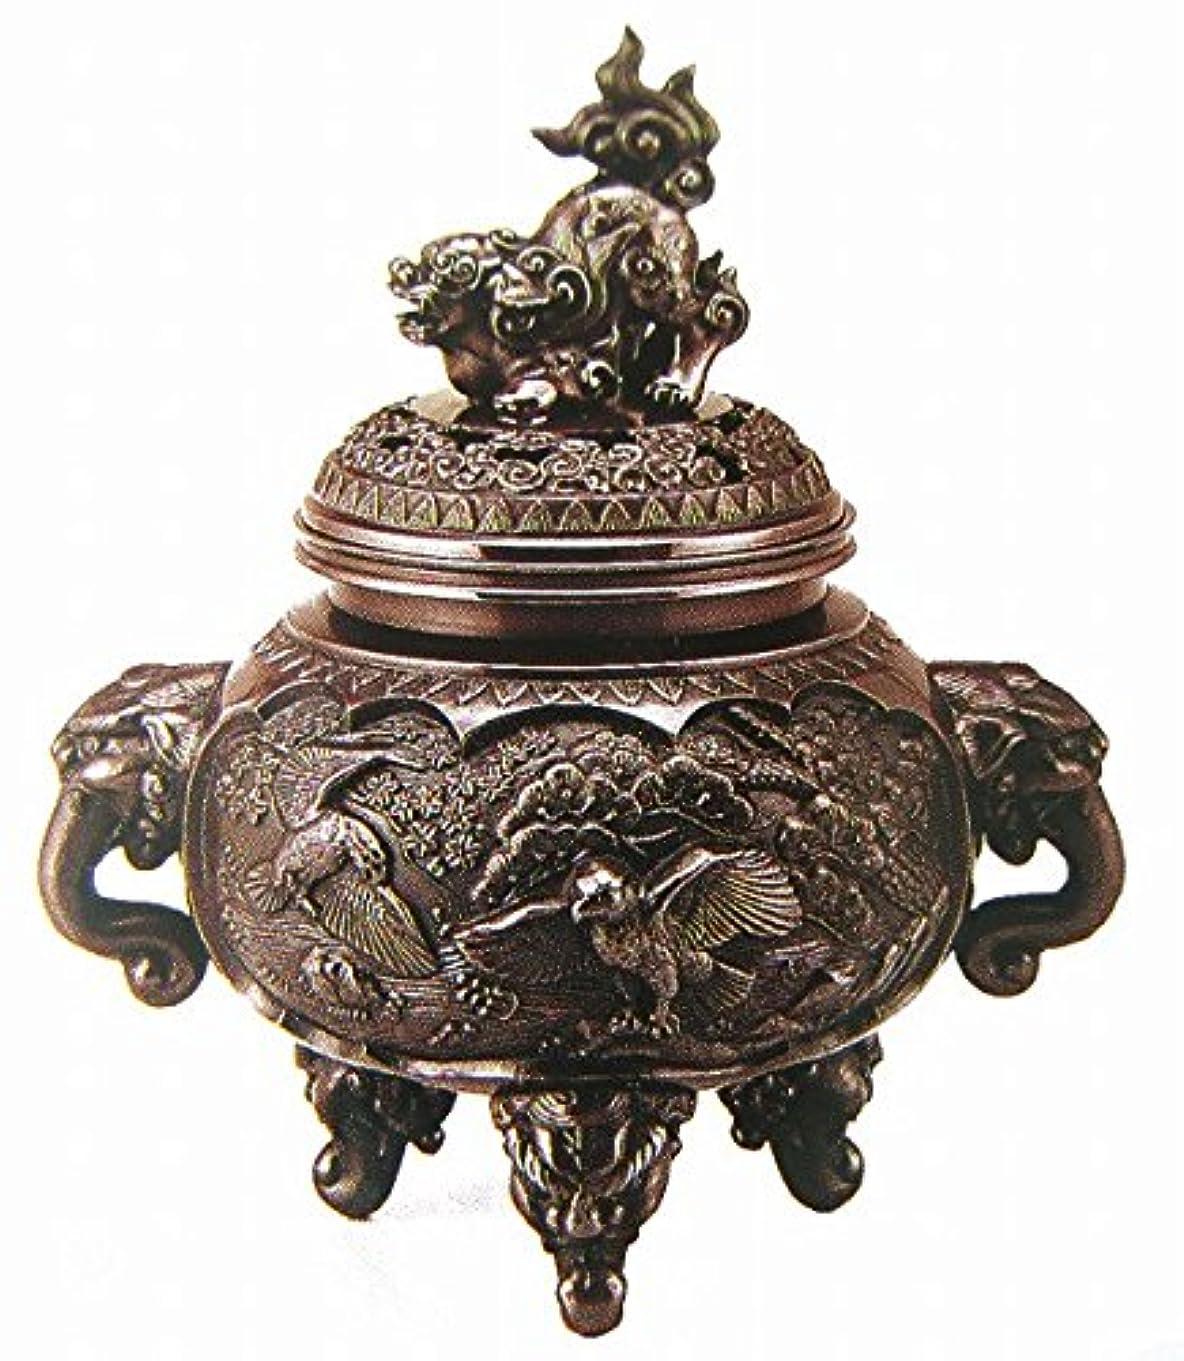 表面本質的ではない砂漠『新特大花鳥香炉』銅製